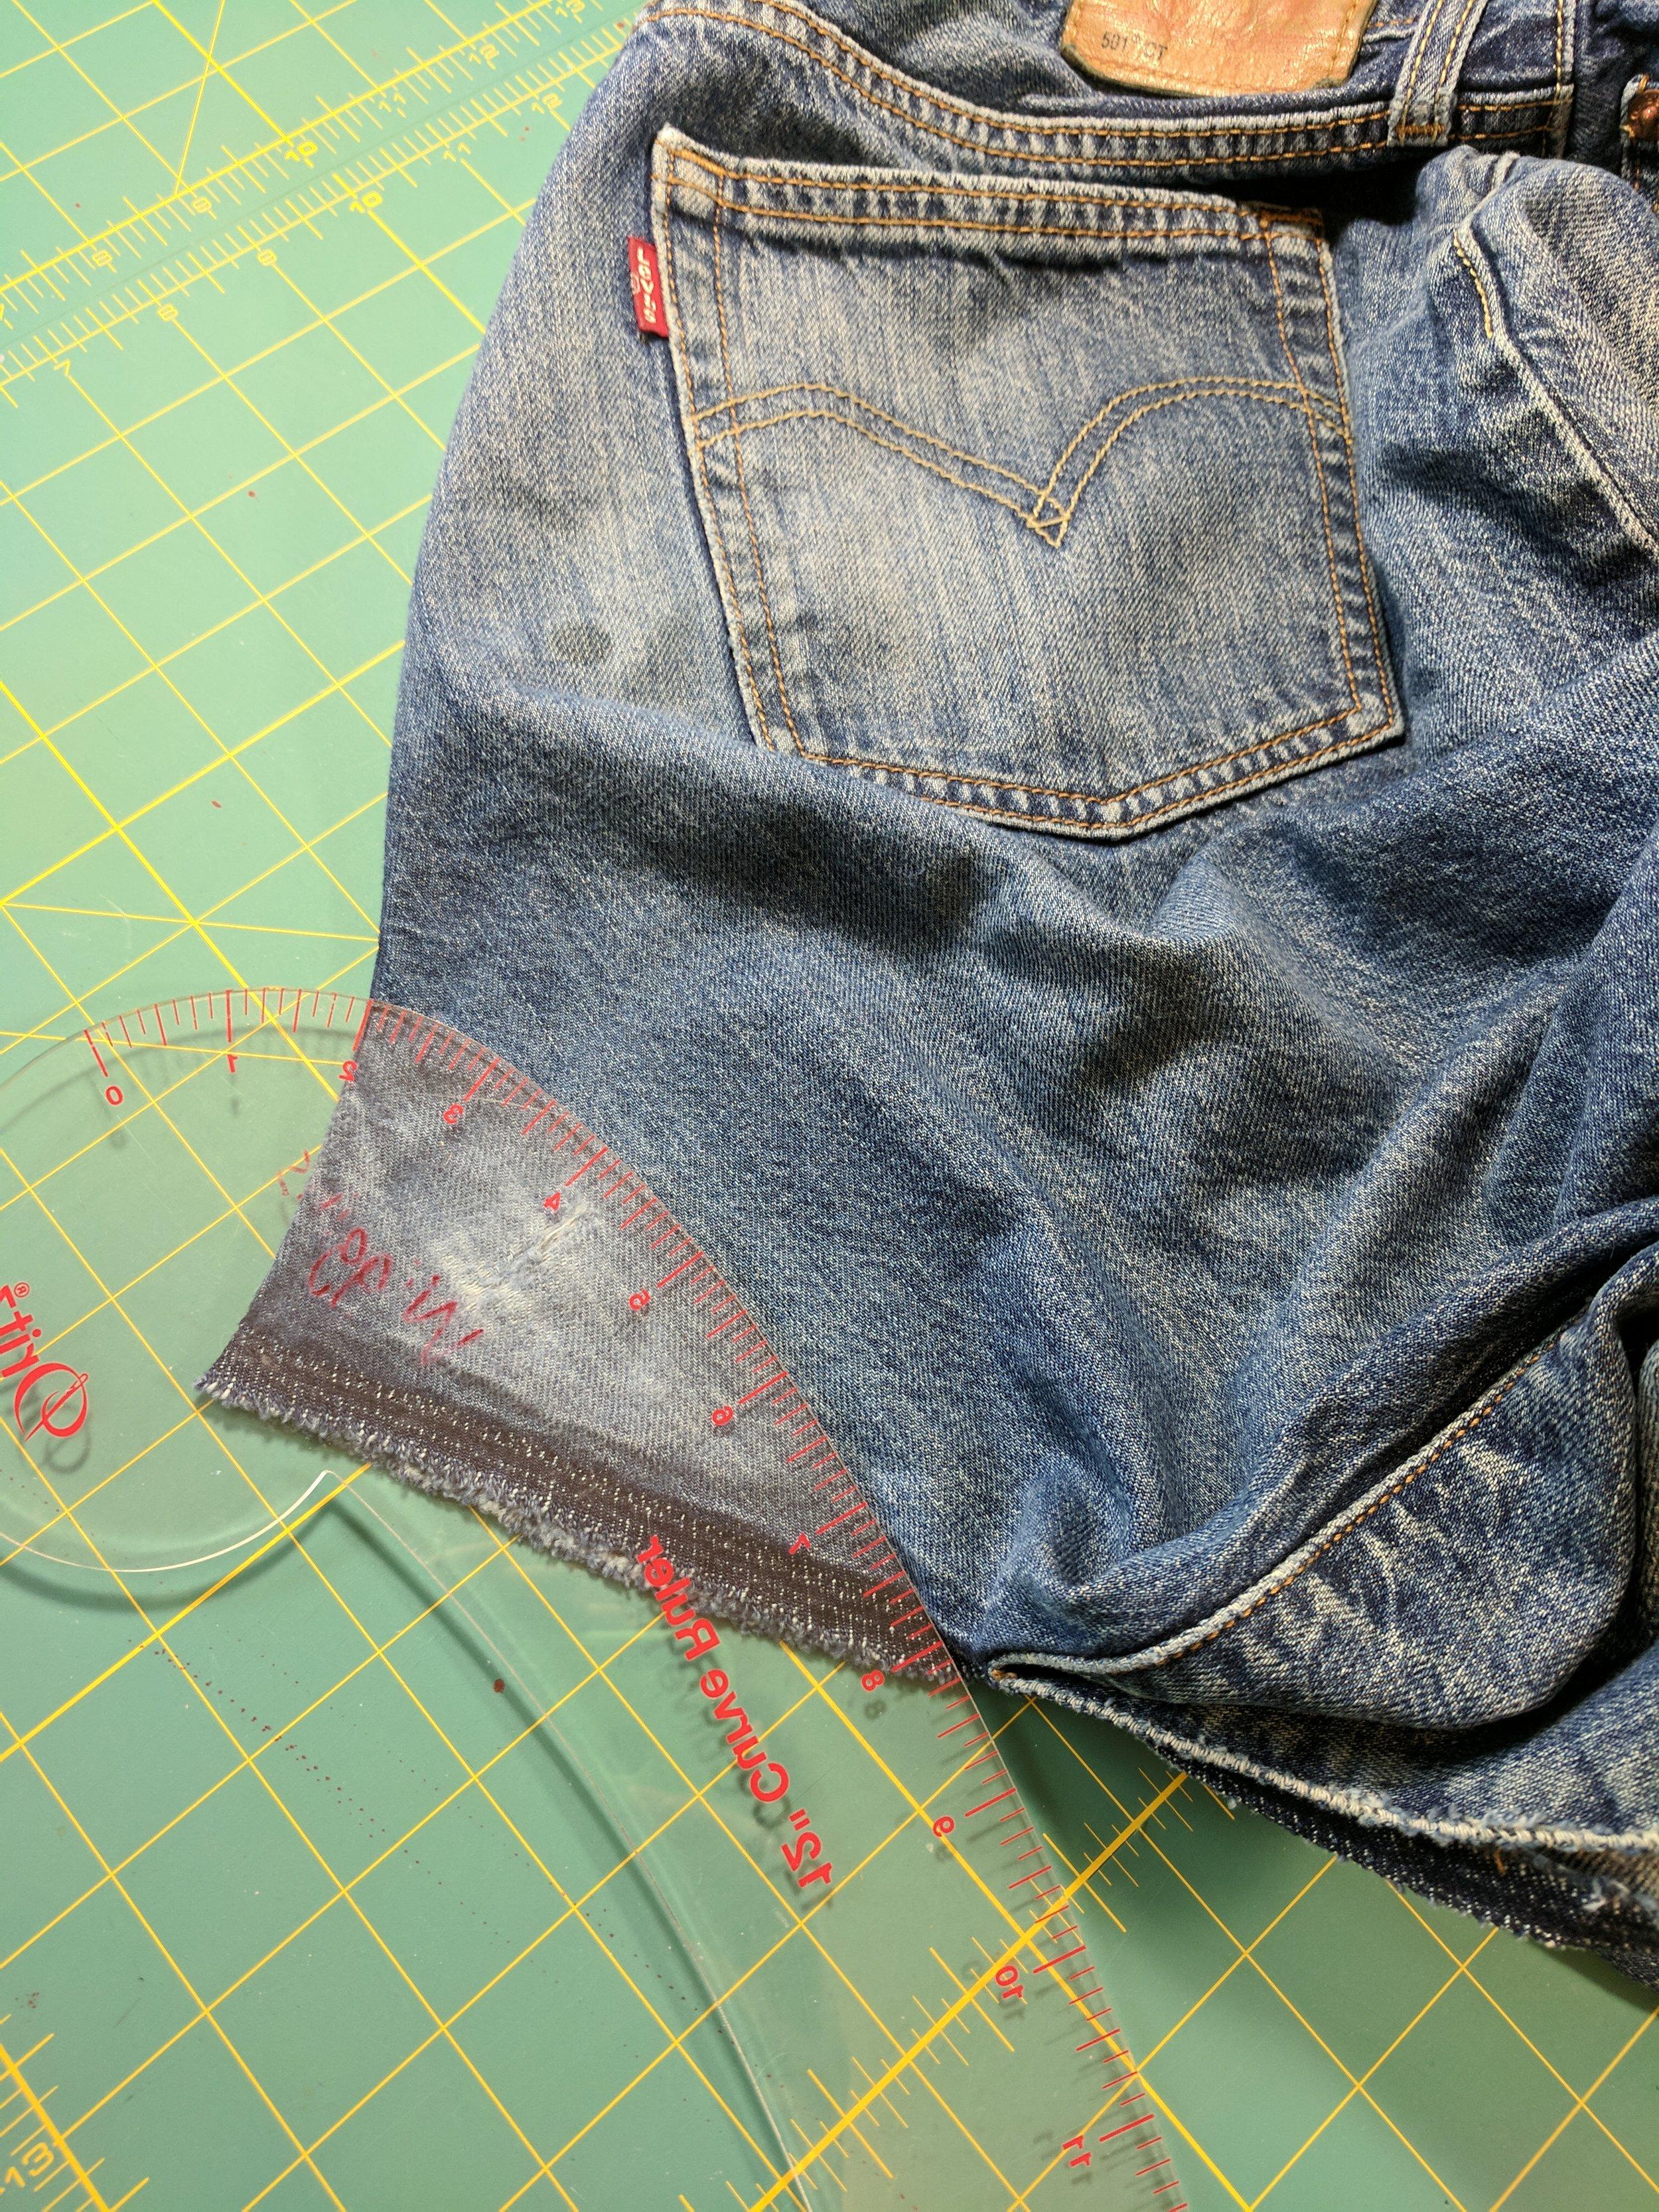 jeans gusset insert repair